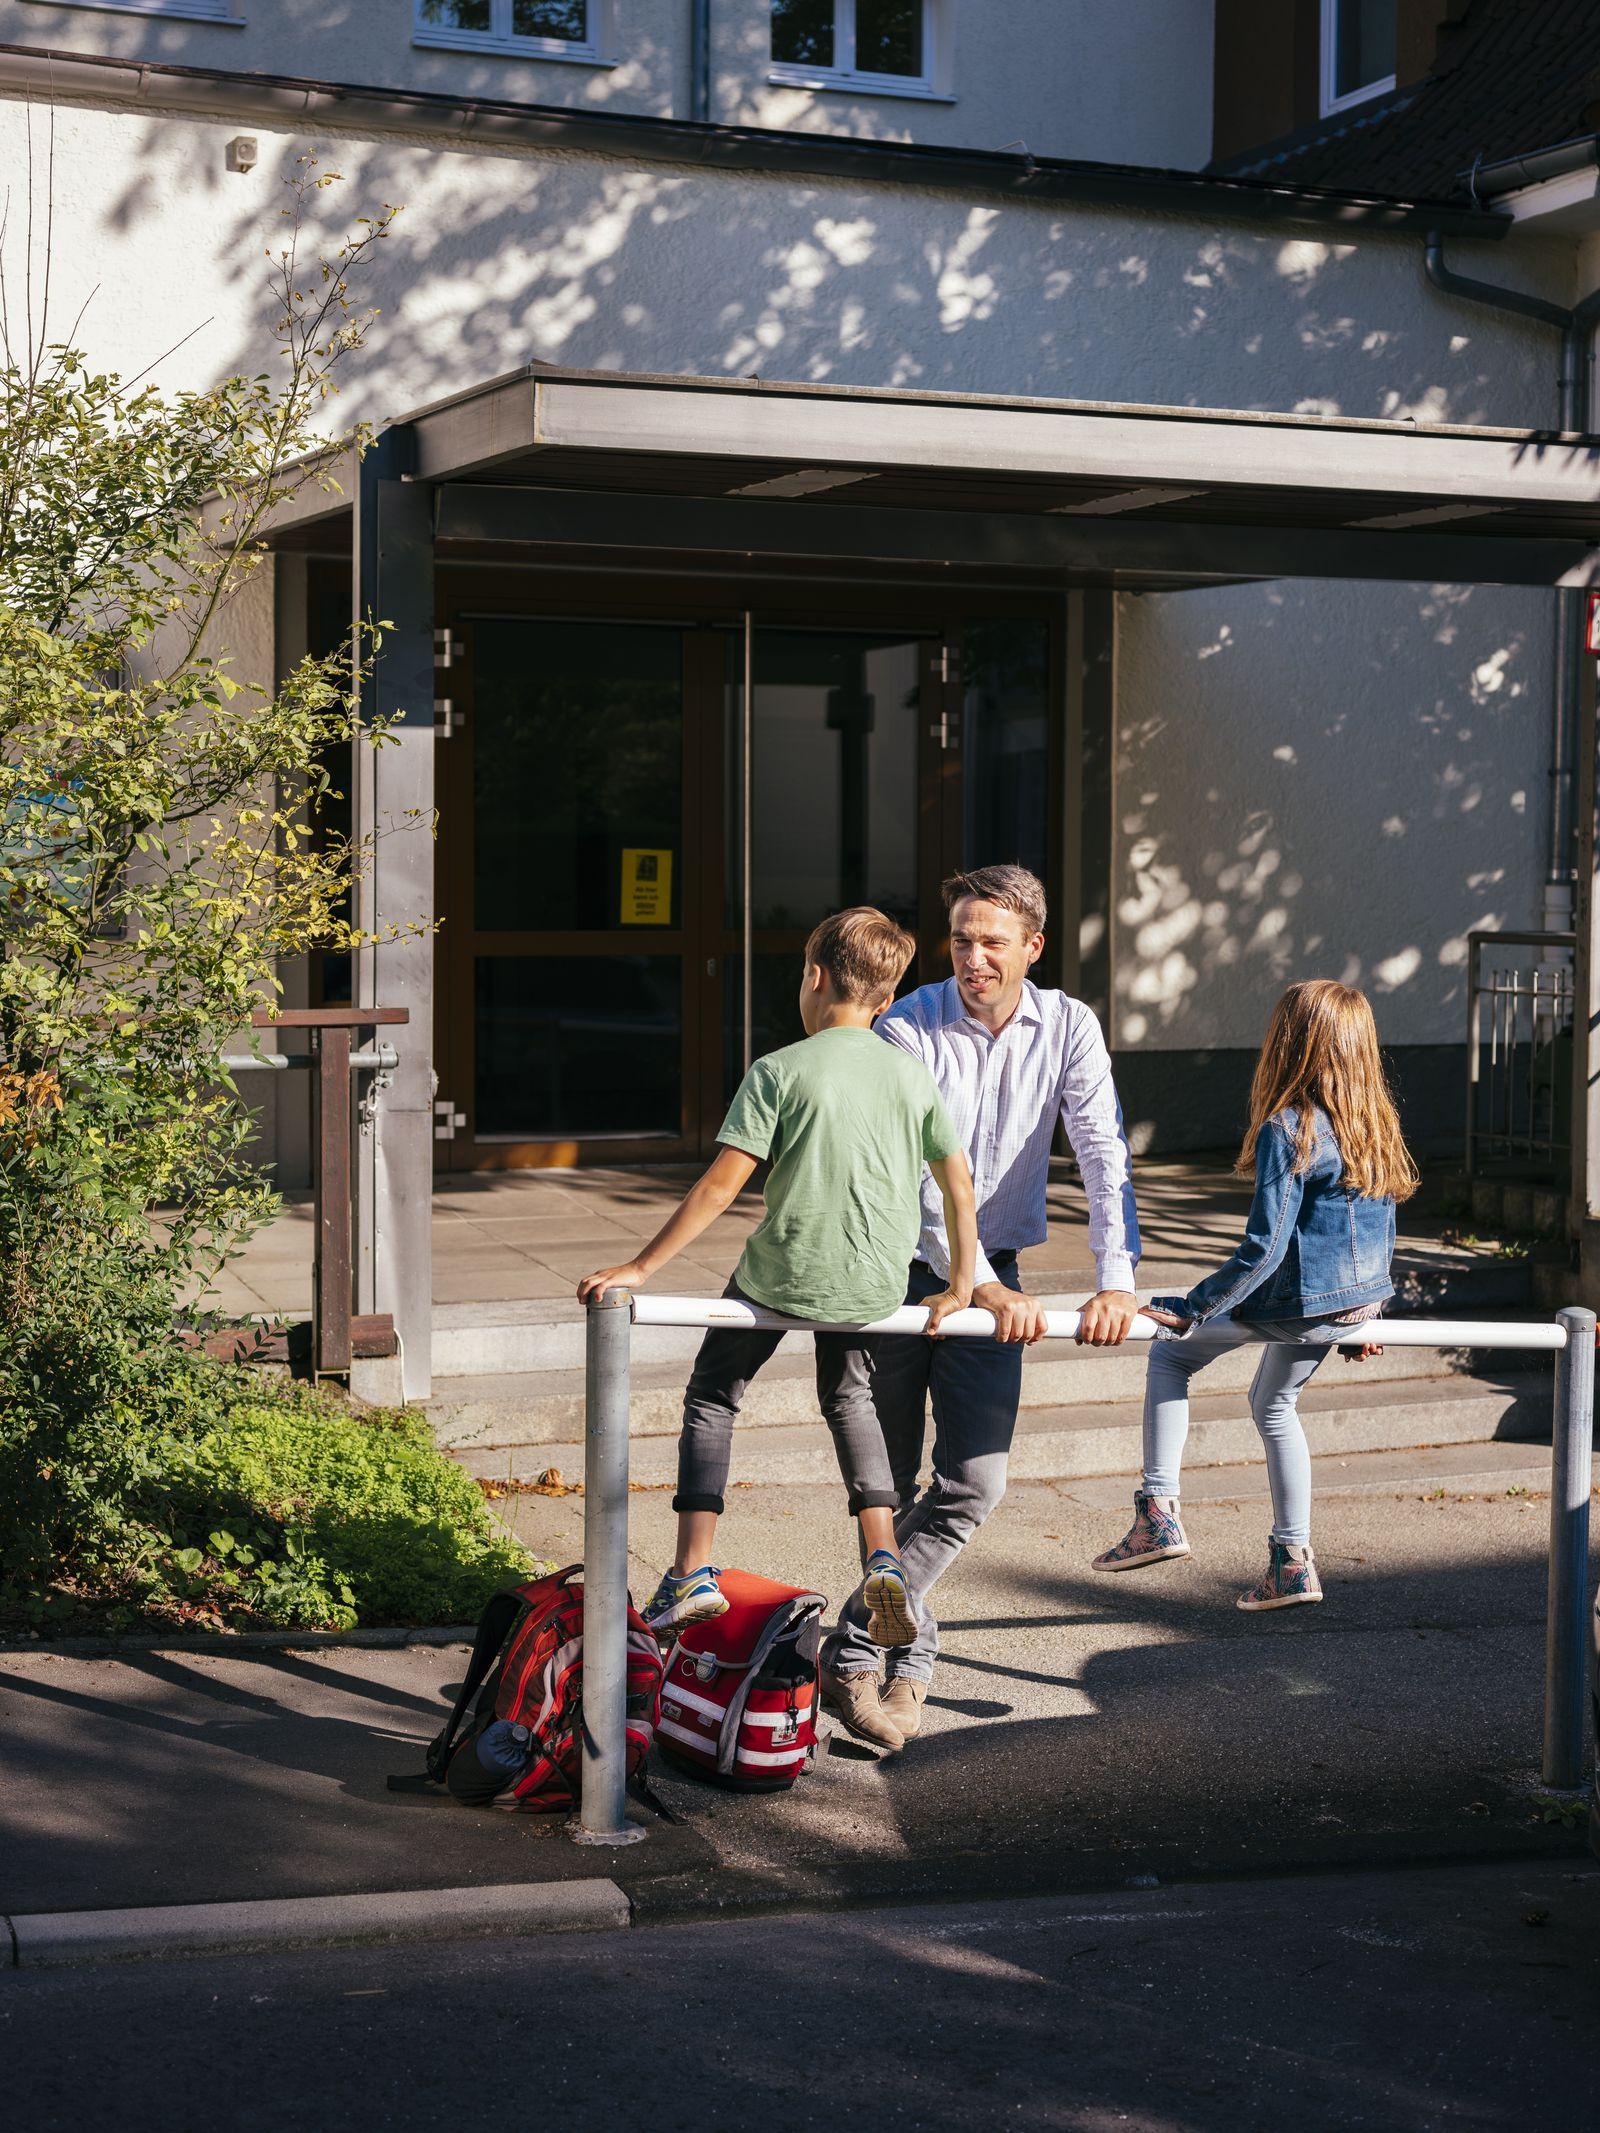 EINMALIGE VERWENDUNG SPIEGEL Plus SPIEGEL 32/2017 S. 46 Bildung Umzug Familie Jan Friedman STARTBILD